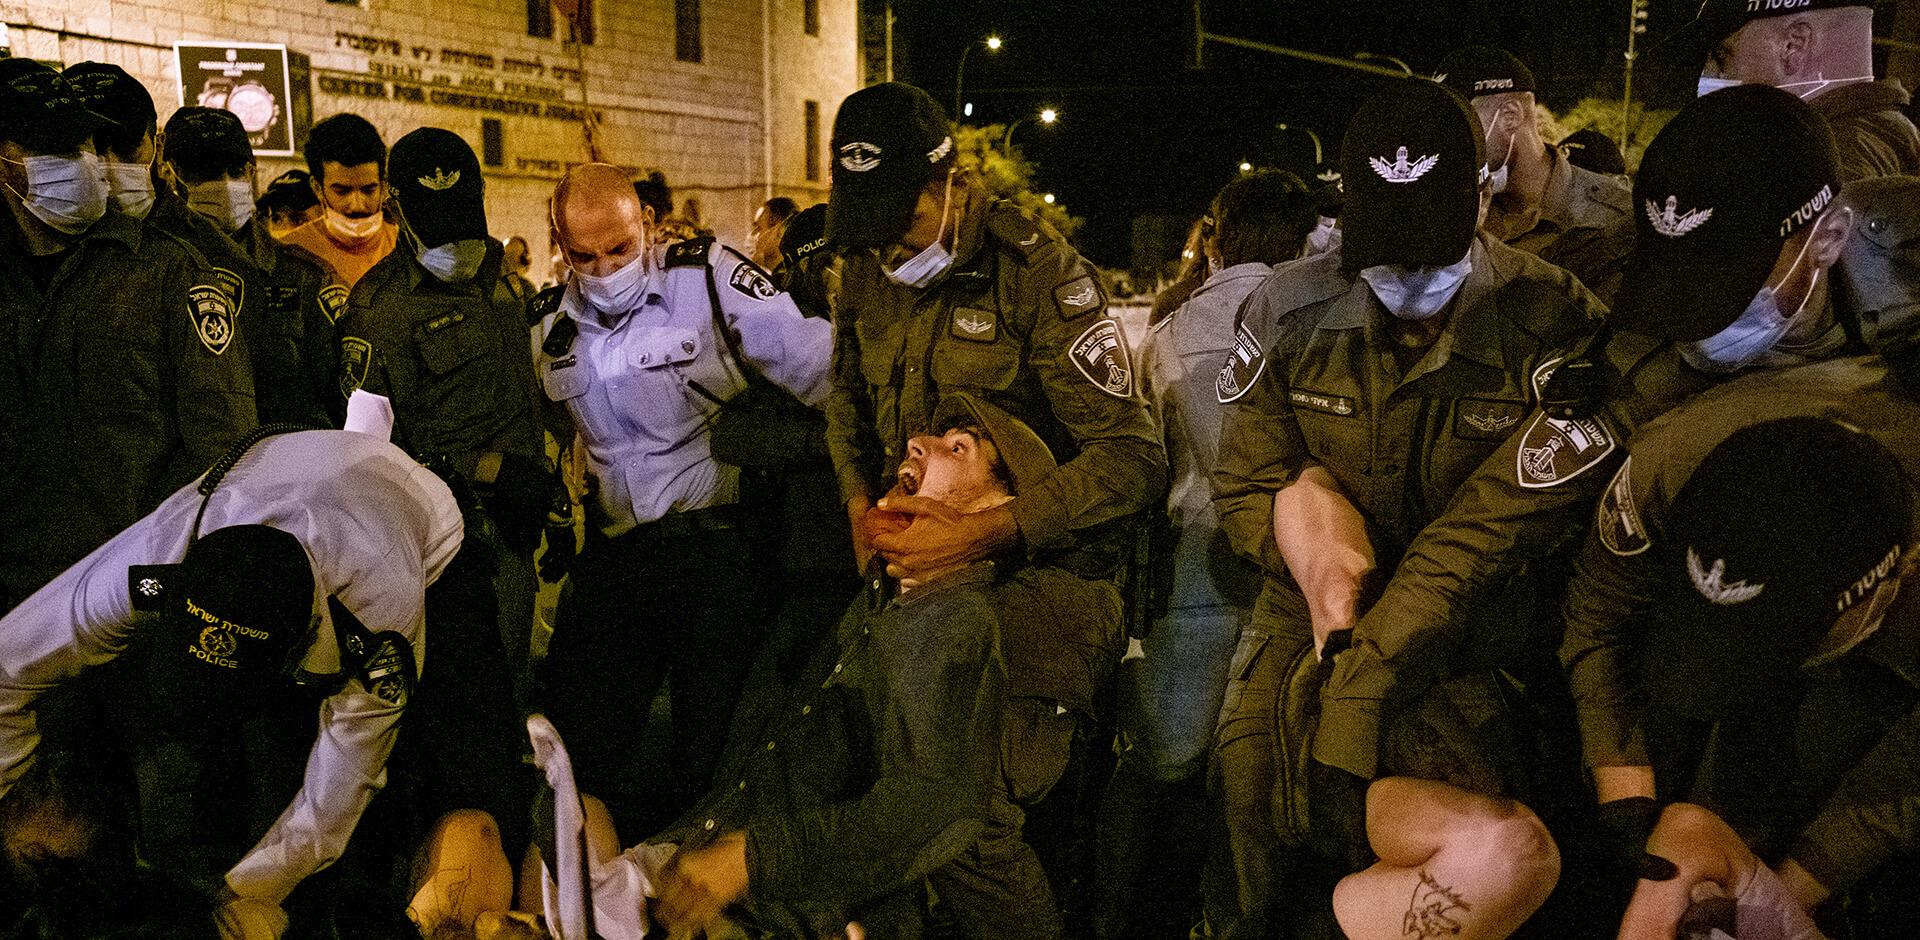 עבודה משטרתית כירורגית בעת הפיזור. הפגנה בכיכר פריז בירושלים (צילום: ביאה בר קלוש)